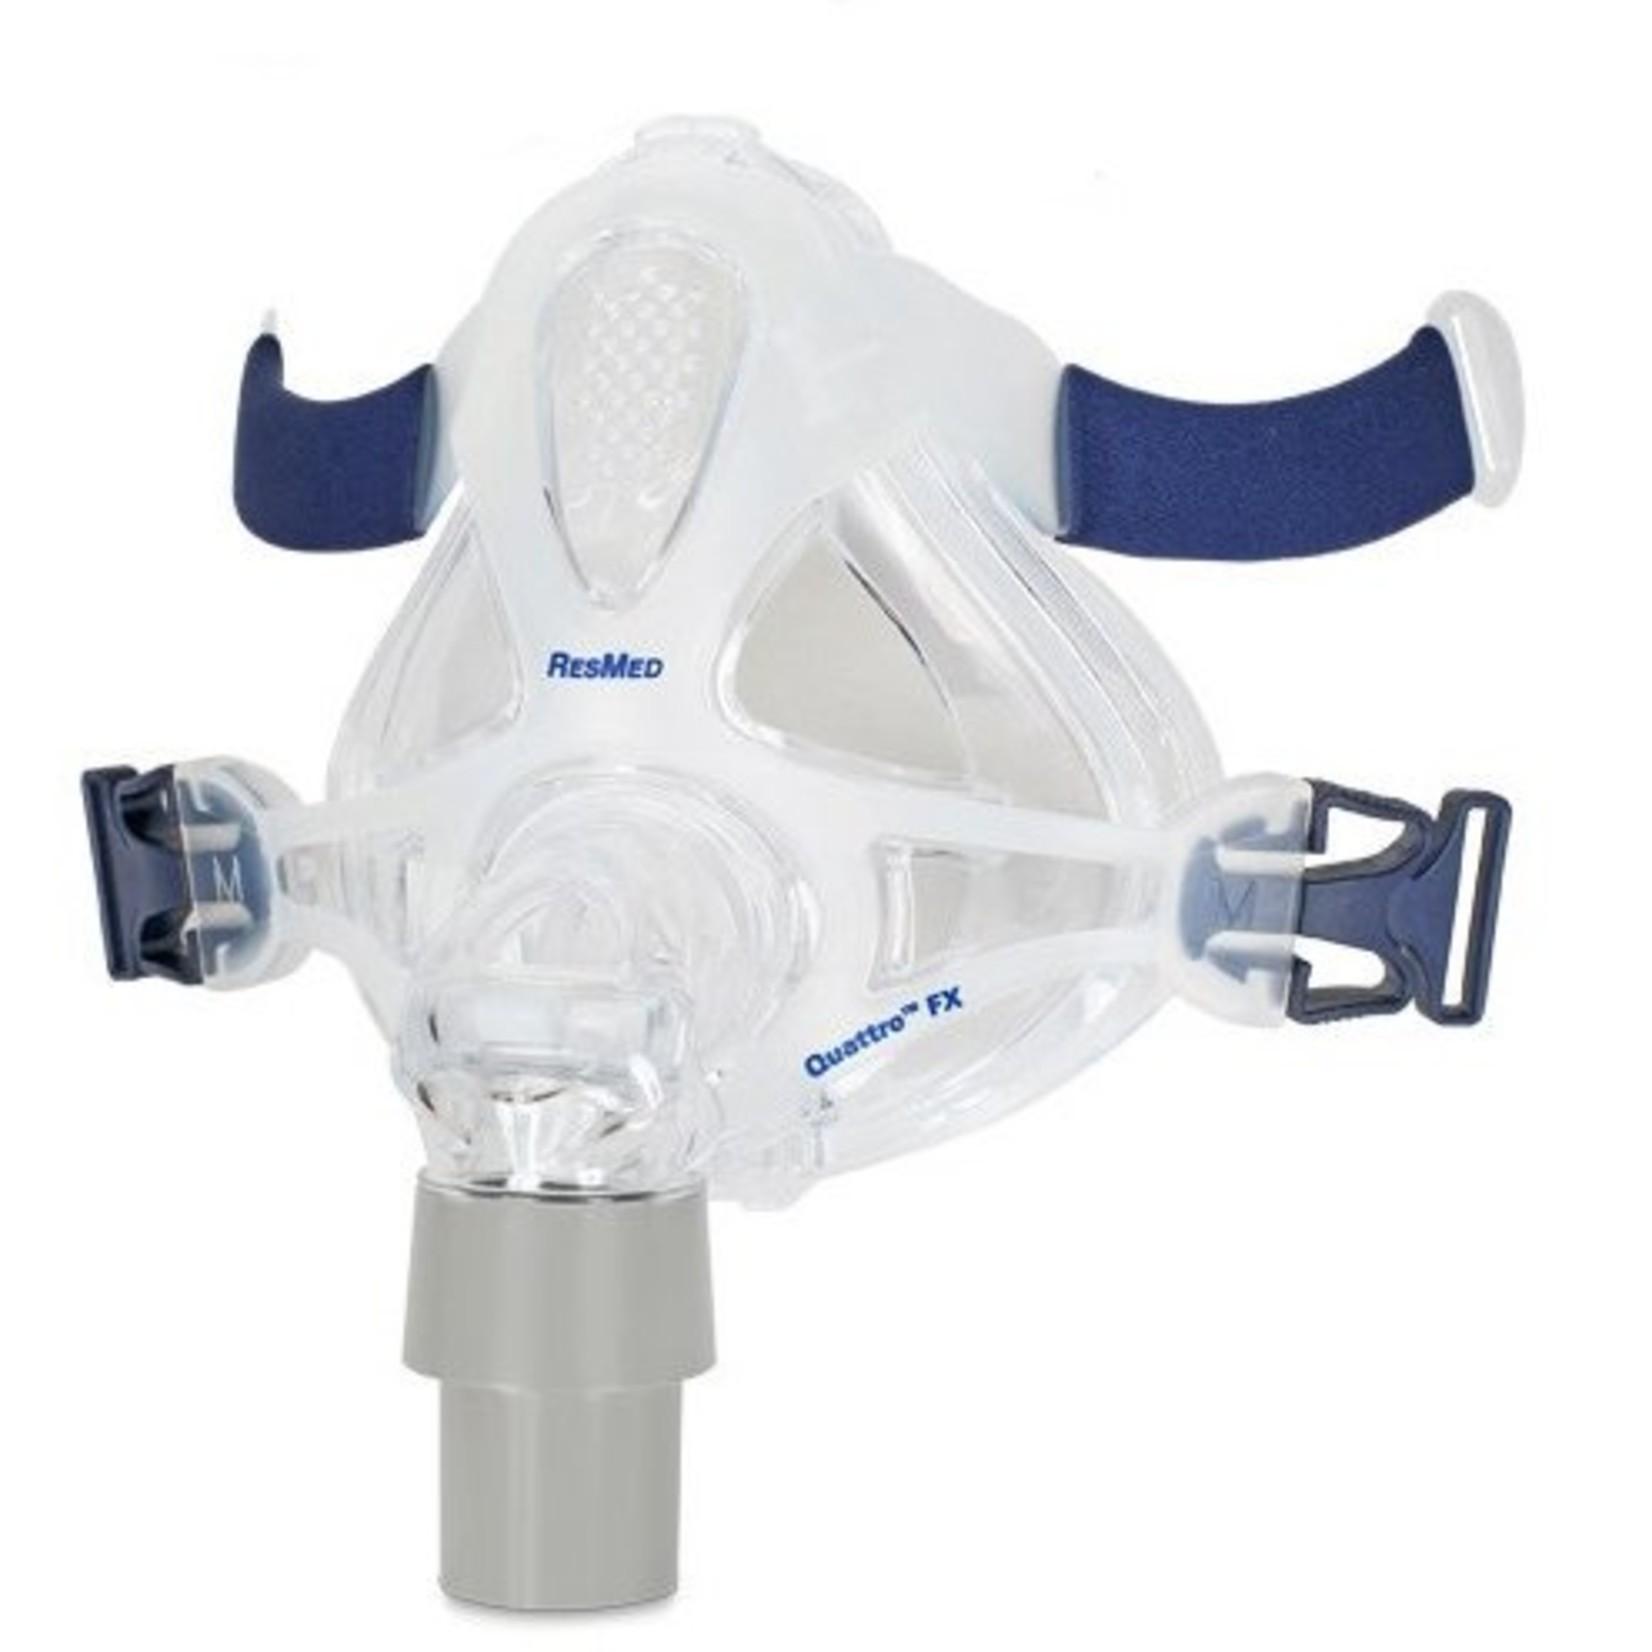 Quattro FX Full Face CPAP Mask w/Headgear